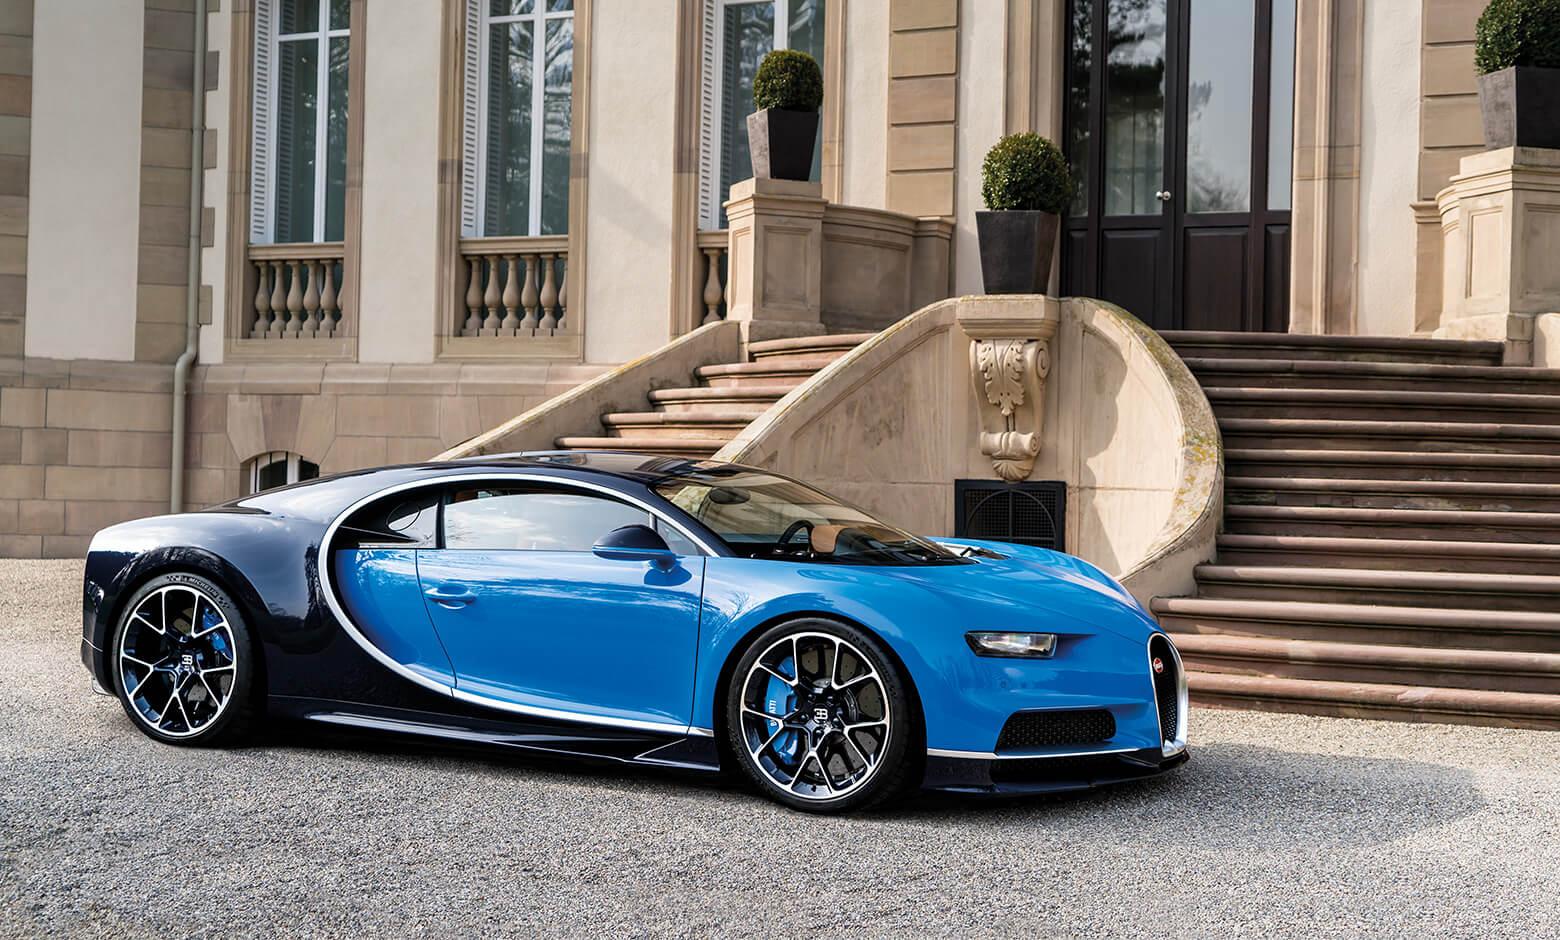 70 đại gia bỏ hàng trăm tỷ mua siêu xe Bugatti Chiron trong năm 2017 - Ảnh 1